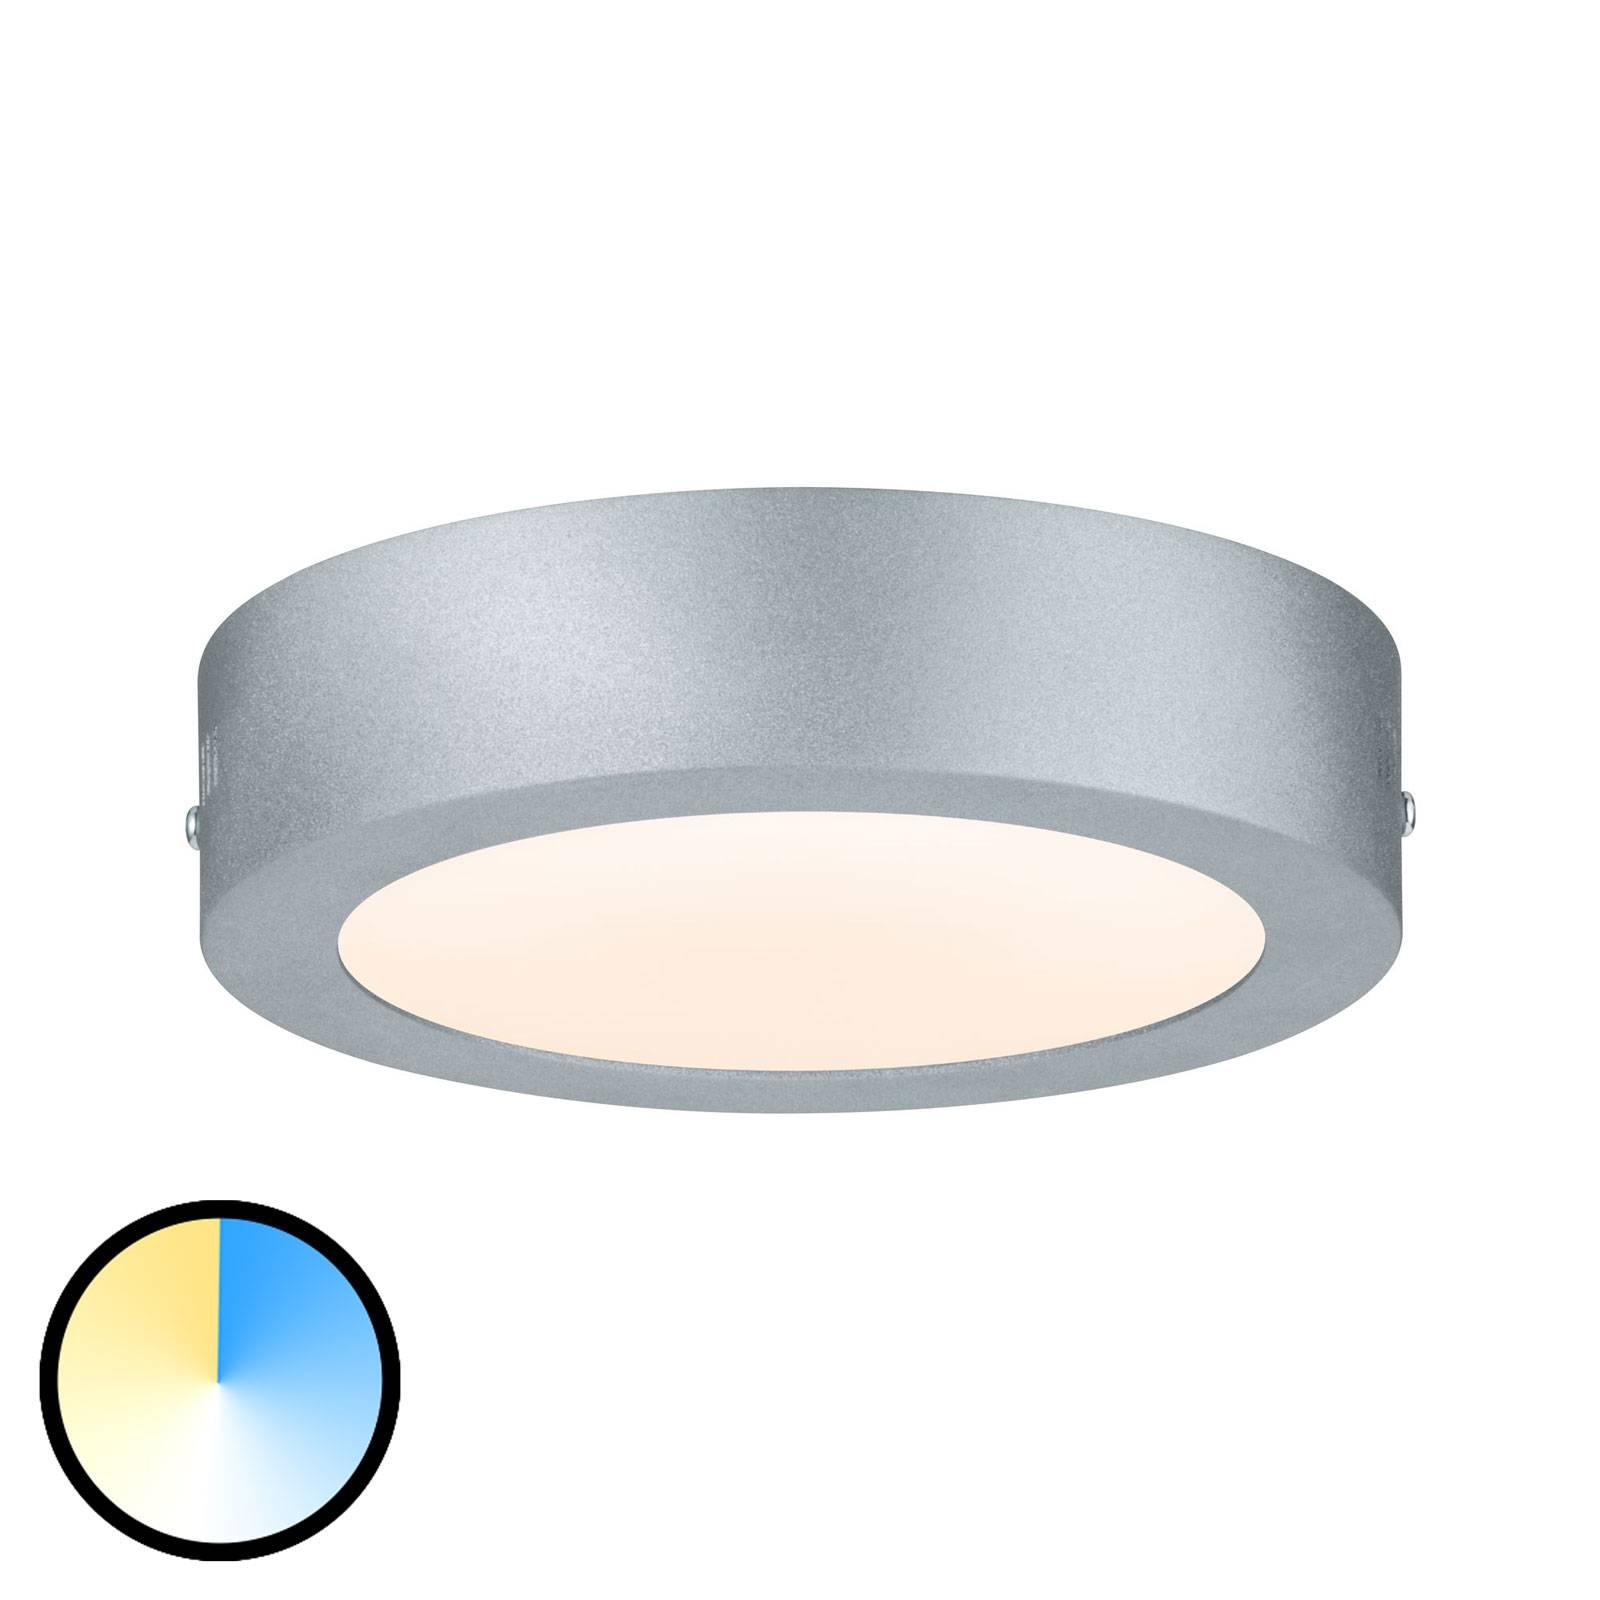 Paulmann Carpo lampa sufitowa LED chrom 17cm